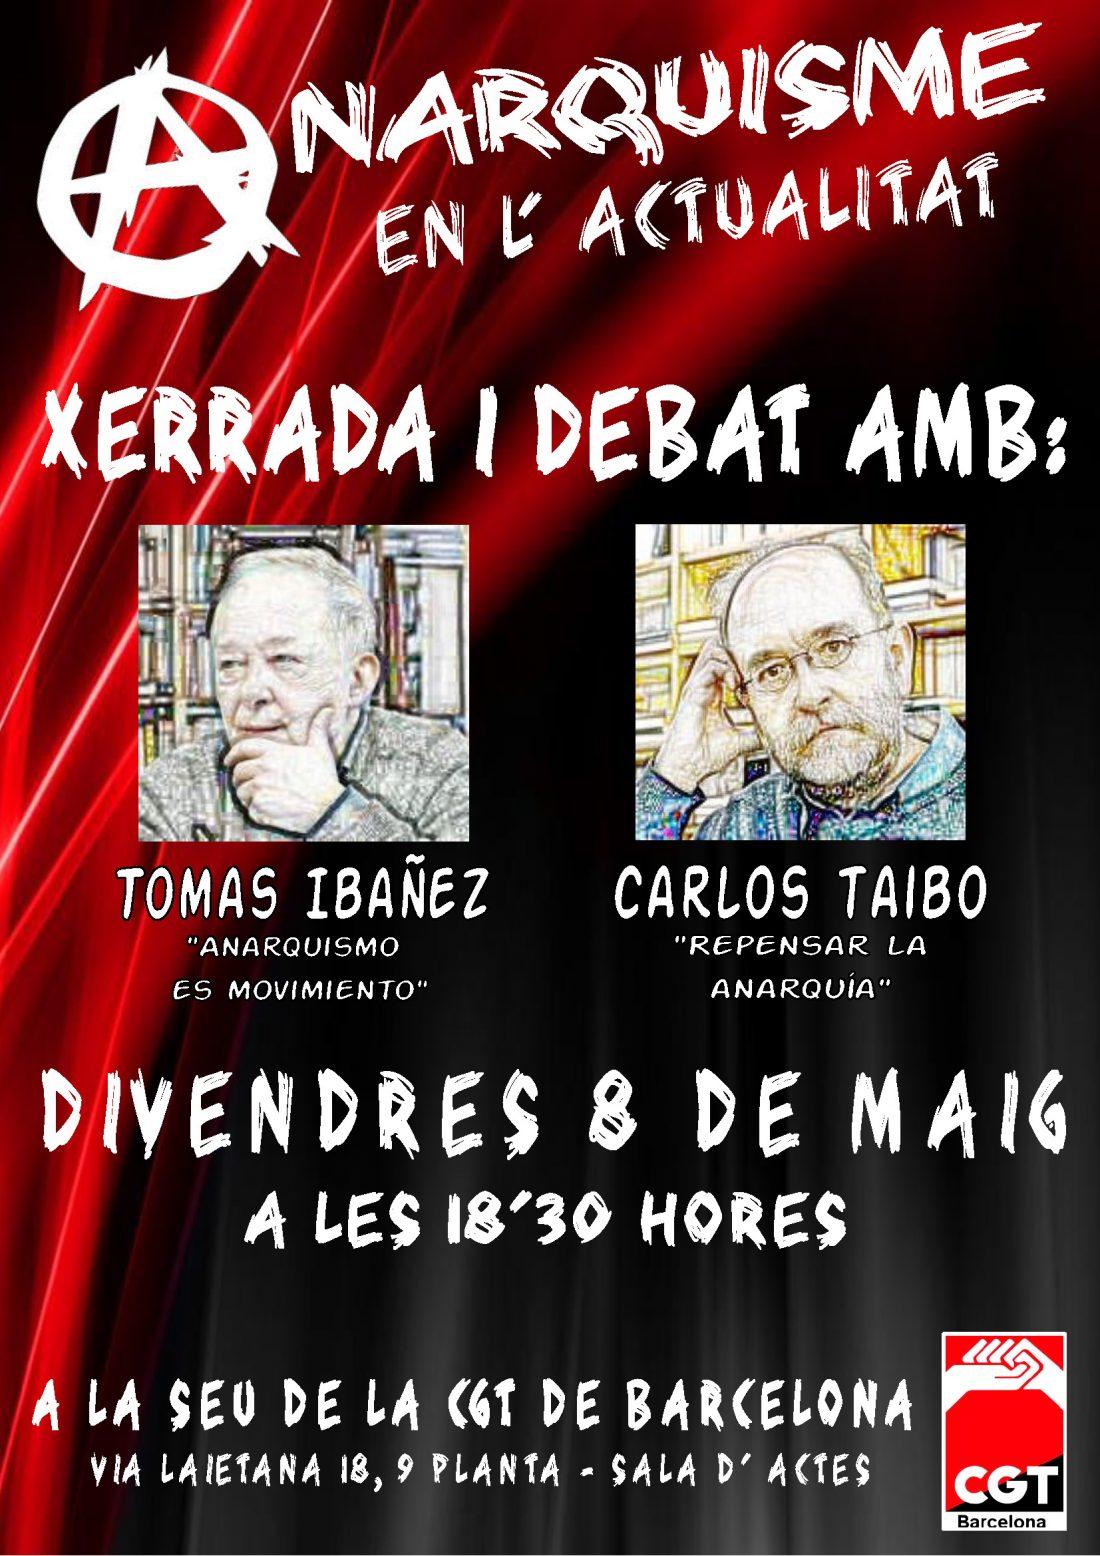 Anarquismo en la actualidad. Charla debate con Tomas Ibáñez y Carlos Taibo